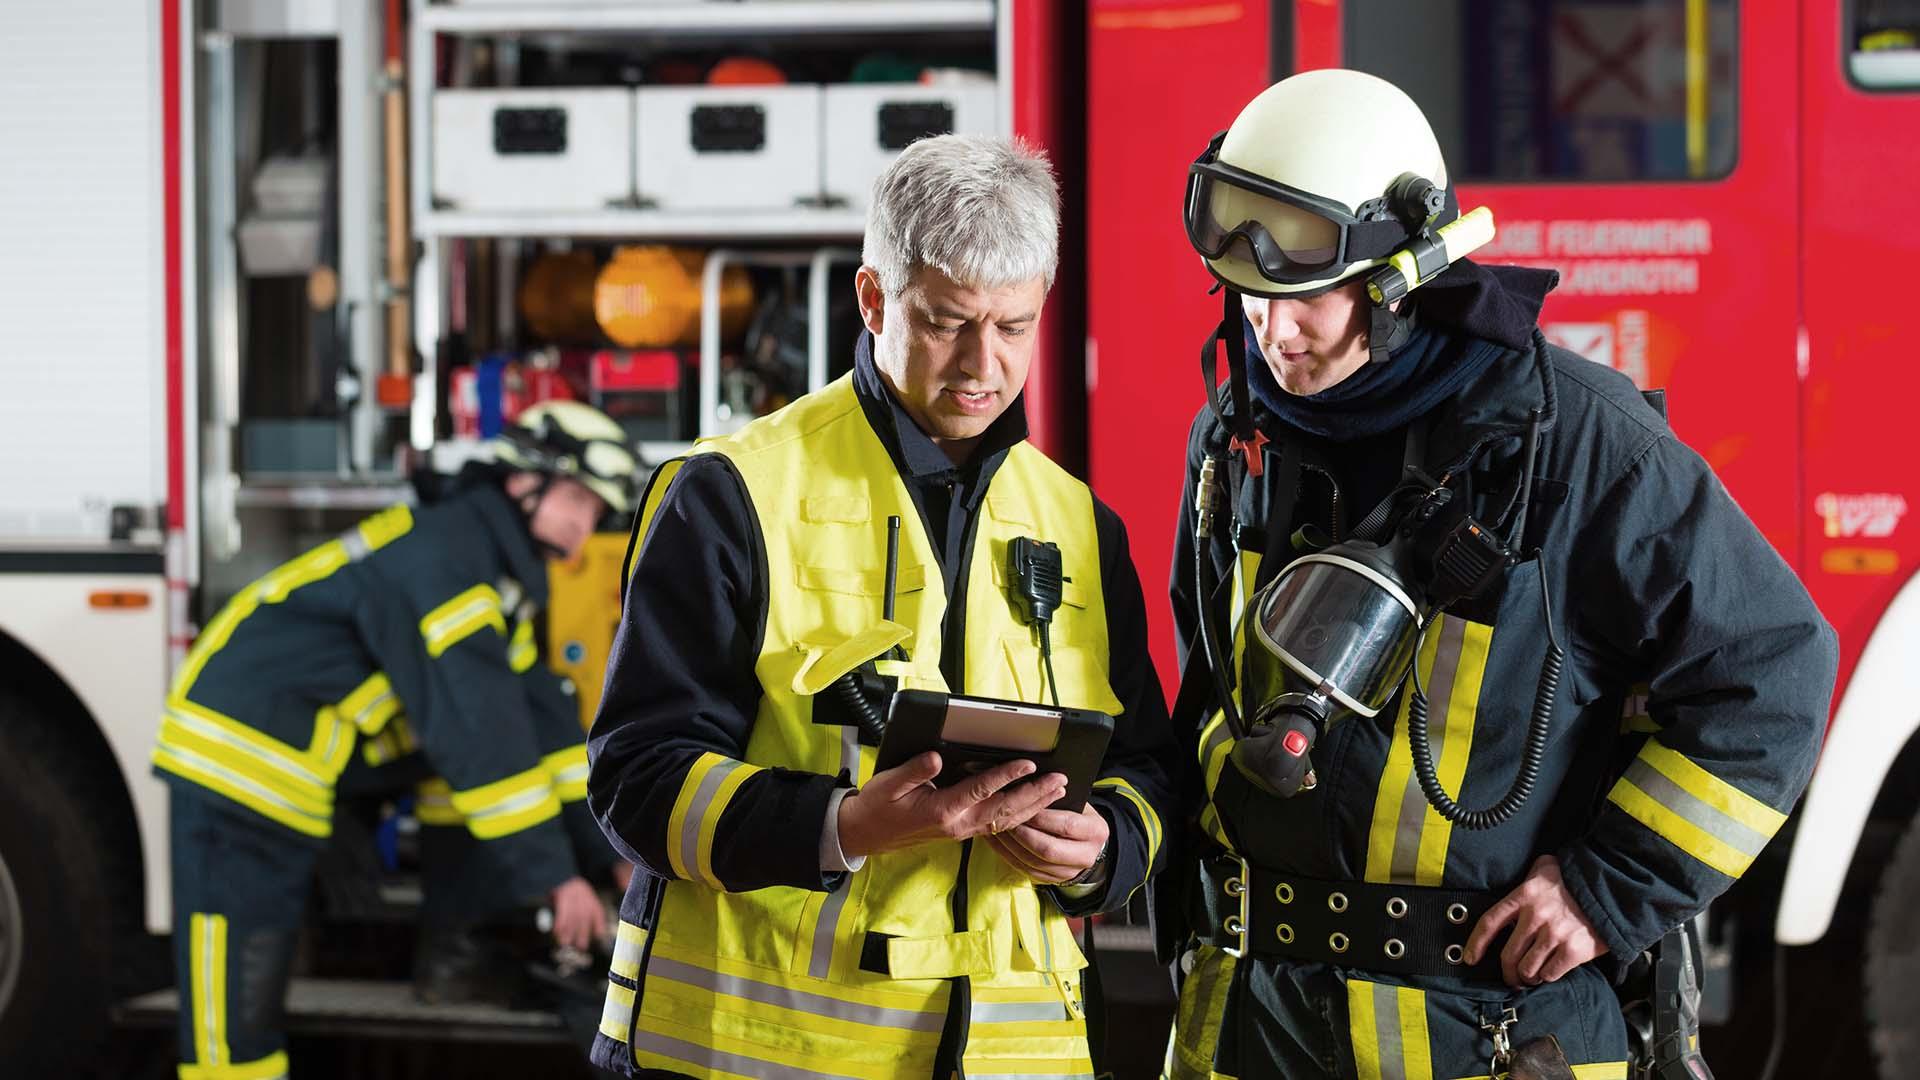 gestione impianto antincendio sgsa antincendio sistemi per la sicurezza e la progettazione degli impianti antincendio